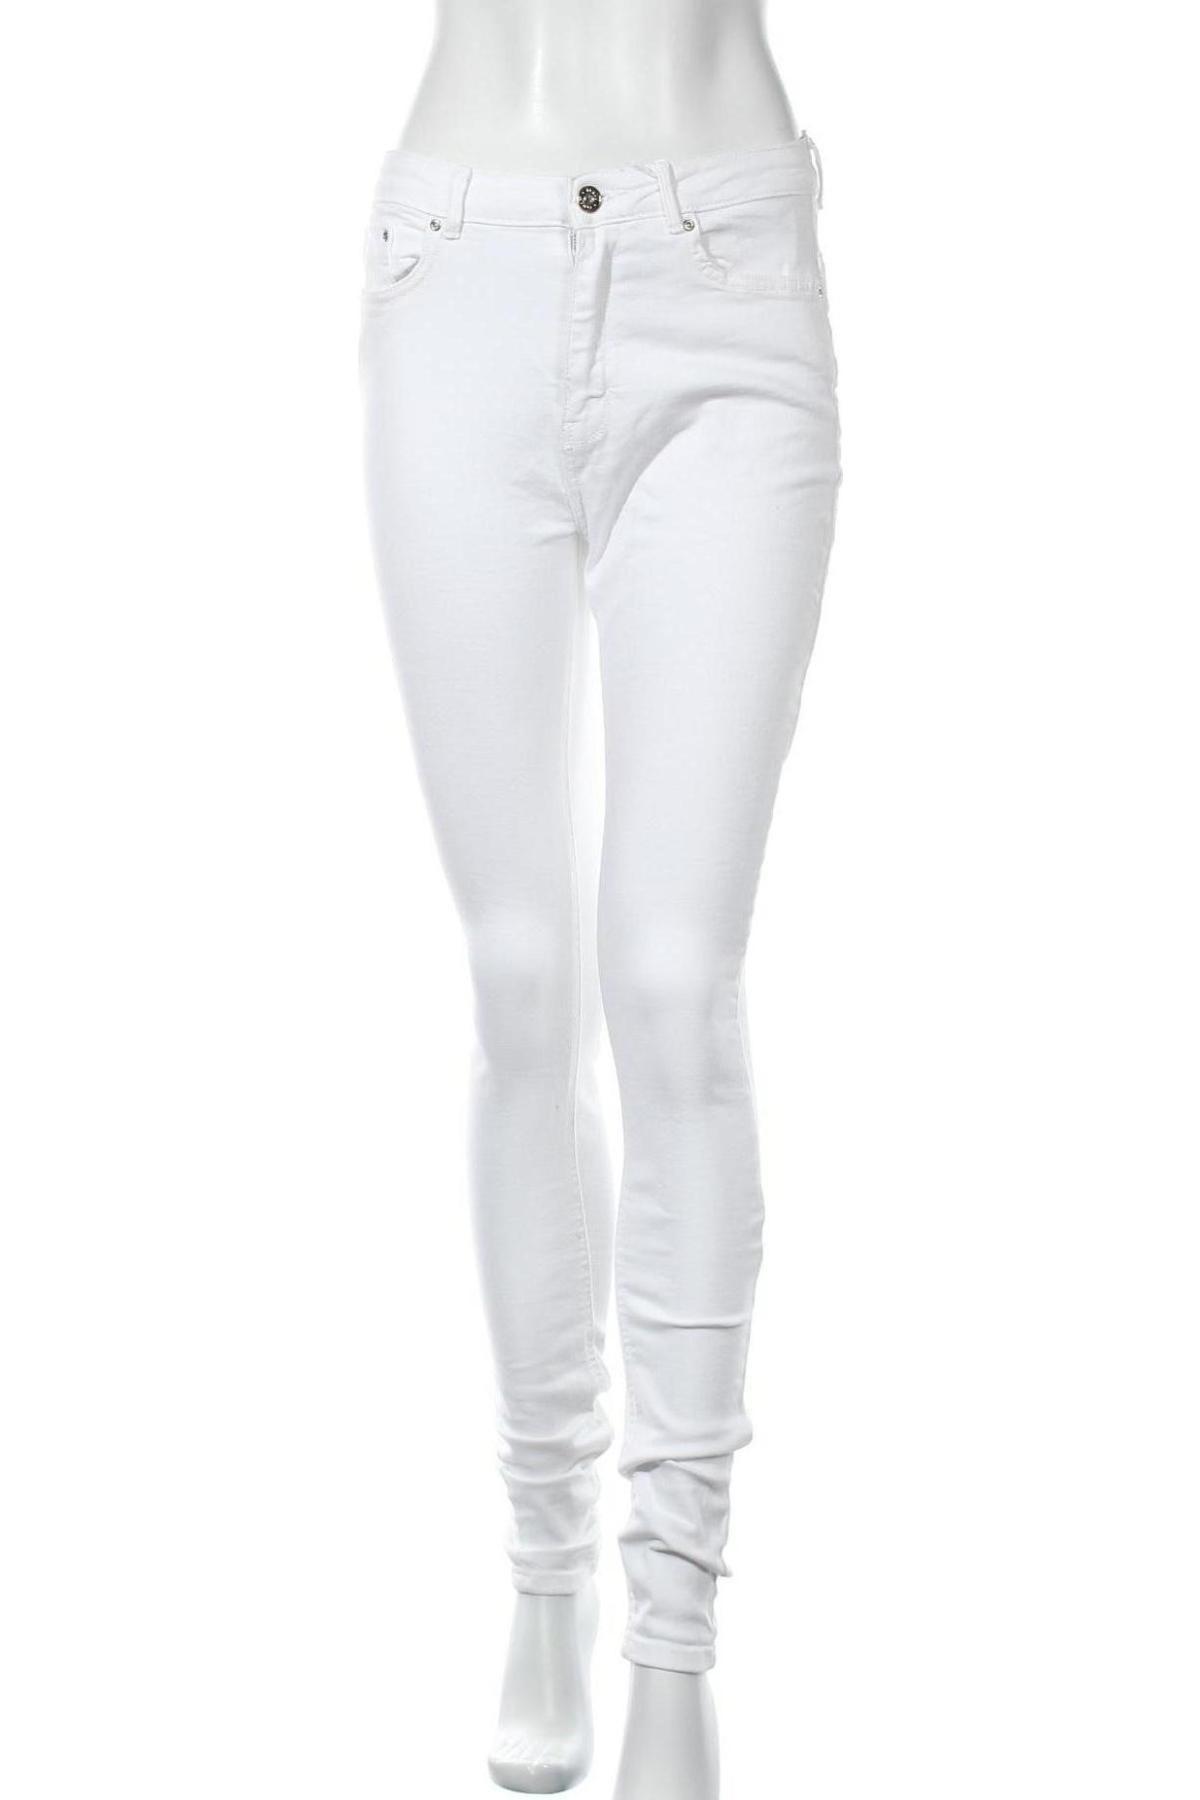 Дамски дънки ONLY, Размер M, Цвят Бял, 98% памук, 2% еластан, Цена 21,84лв.